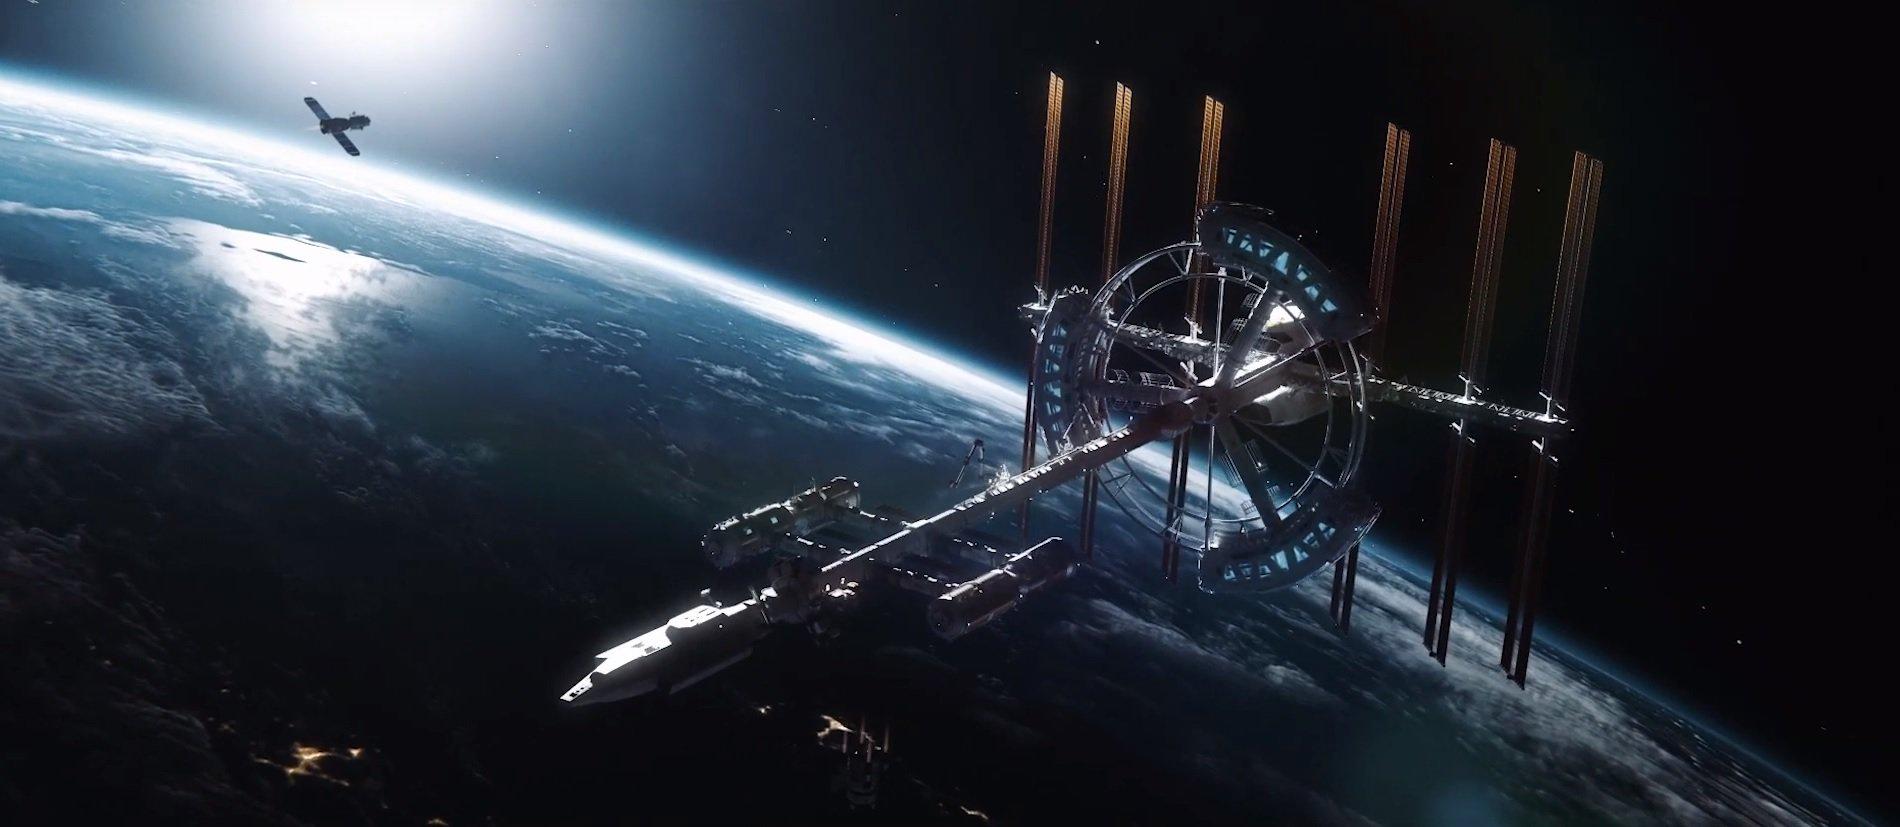 Российская компания S7 Space собирается построить орбитальный космодром